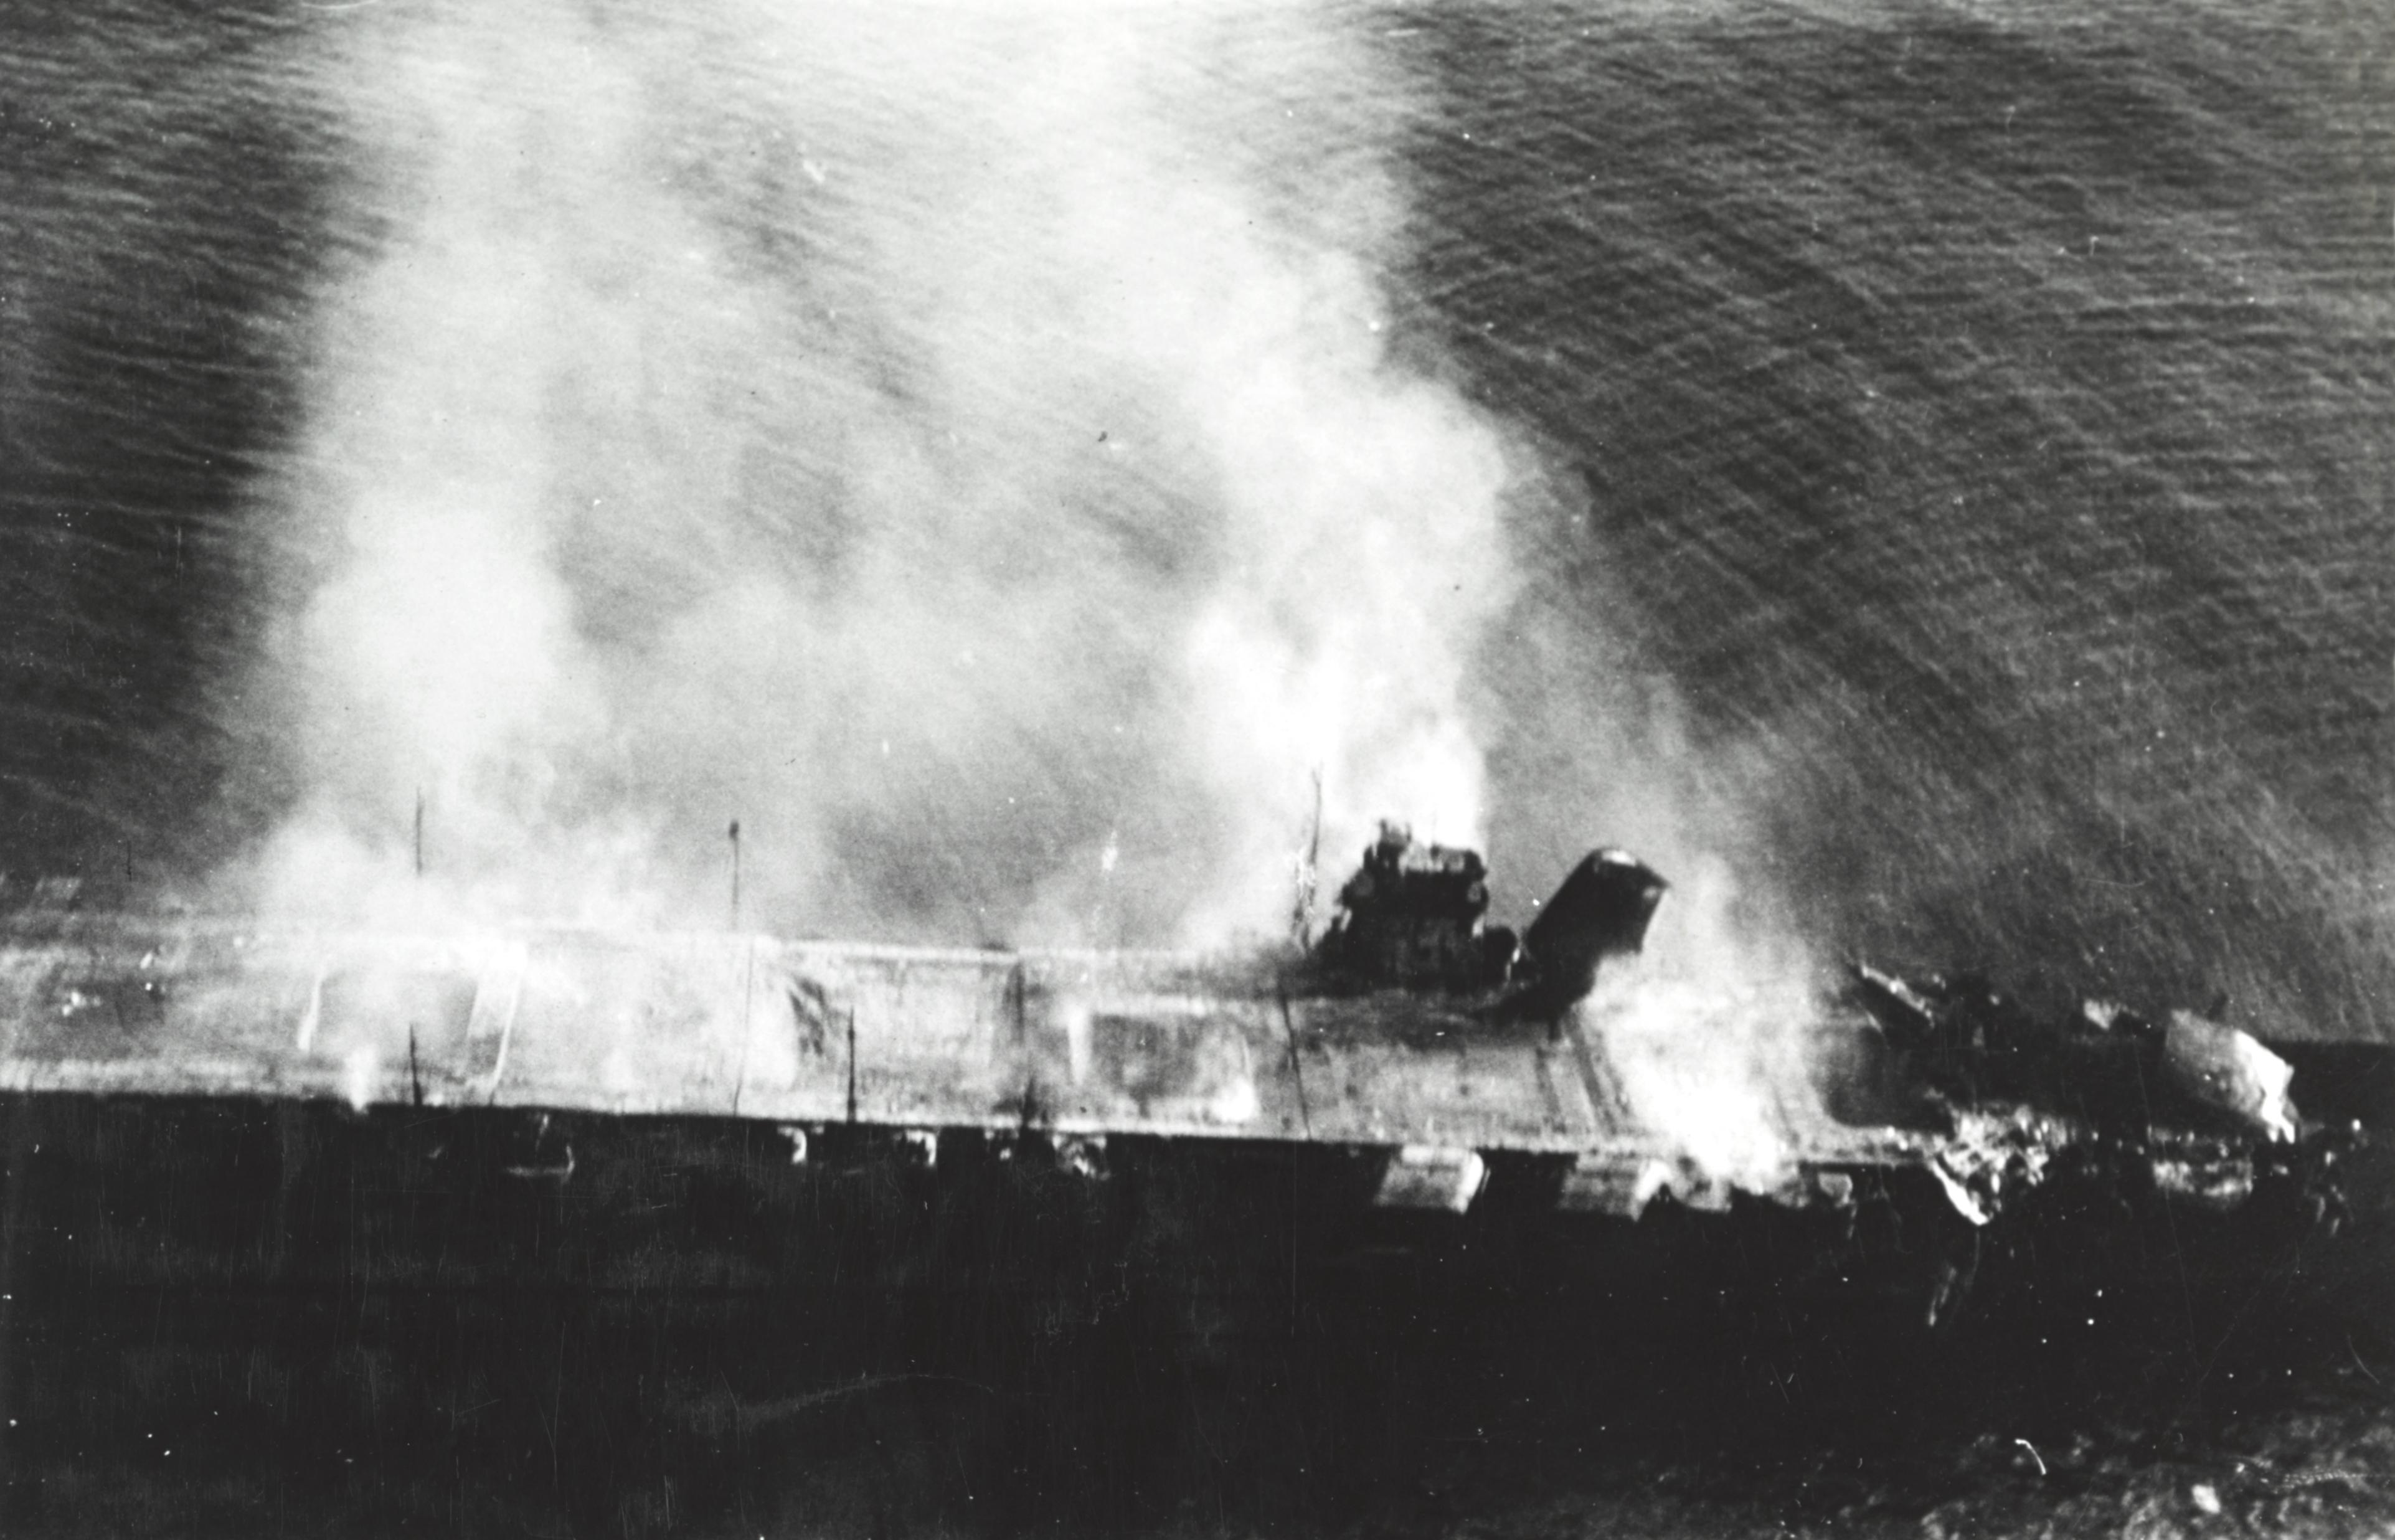 飛行甲板(ひこうかんばん)に爆弾を受け炎上する空母「飛龍」